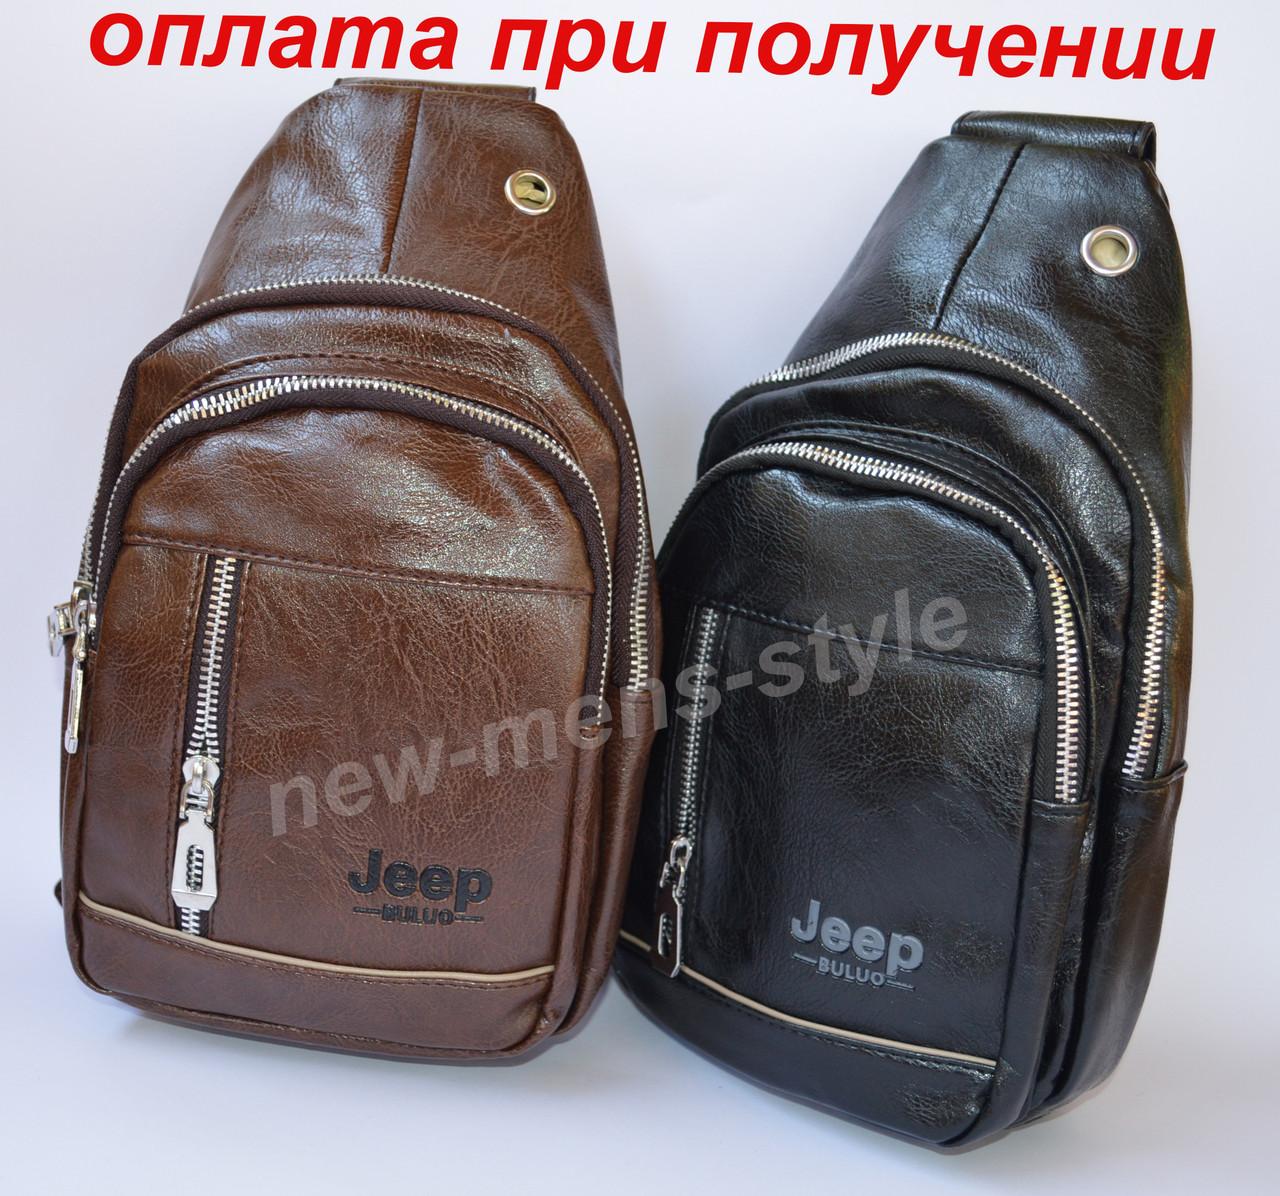 73a94a6b04e2 Мужская чоловіча спортивная кожаная сумка слинг рюкзак бананка Jeep ...